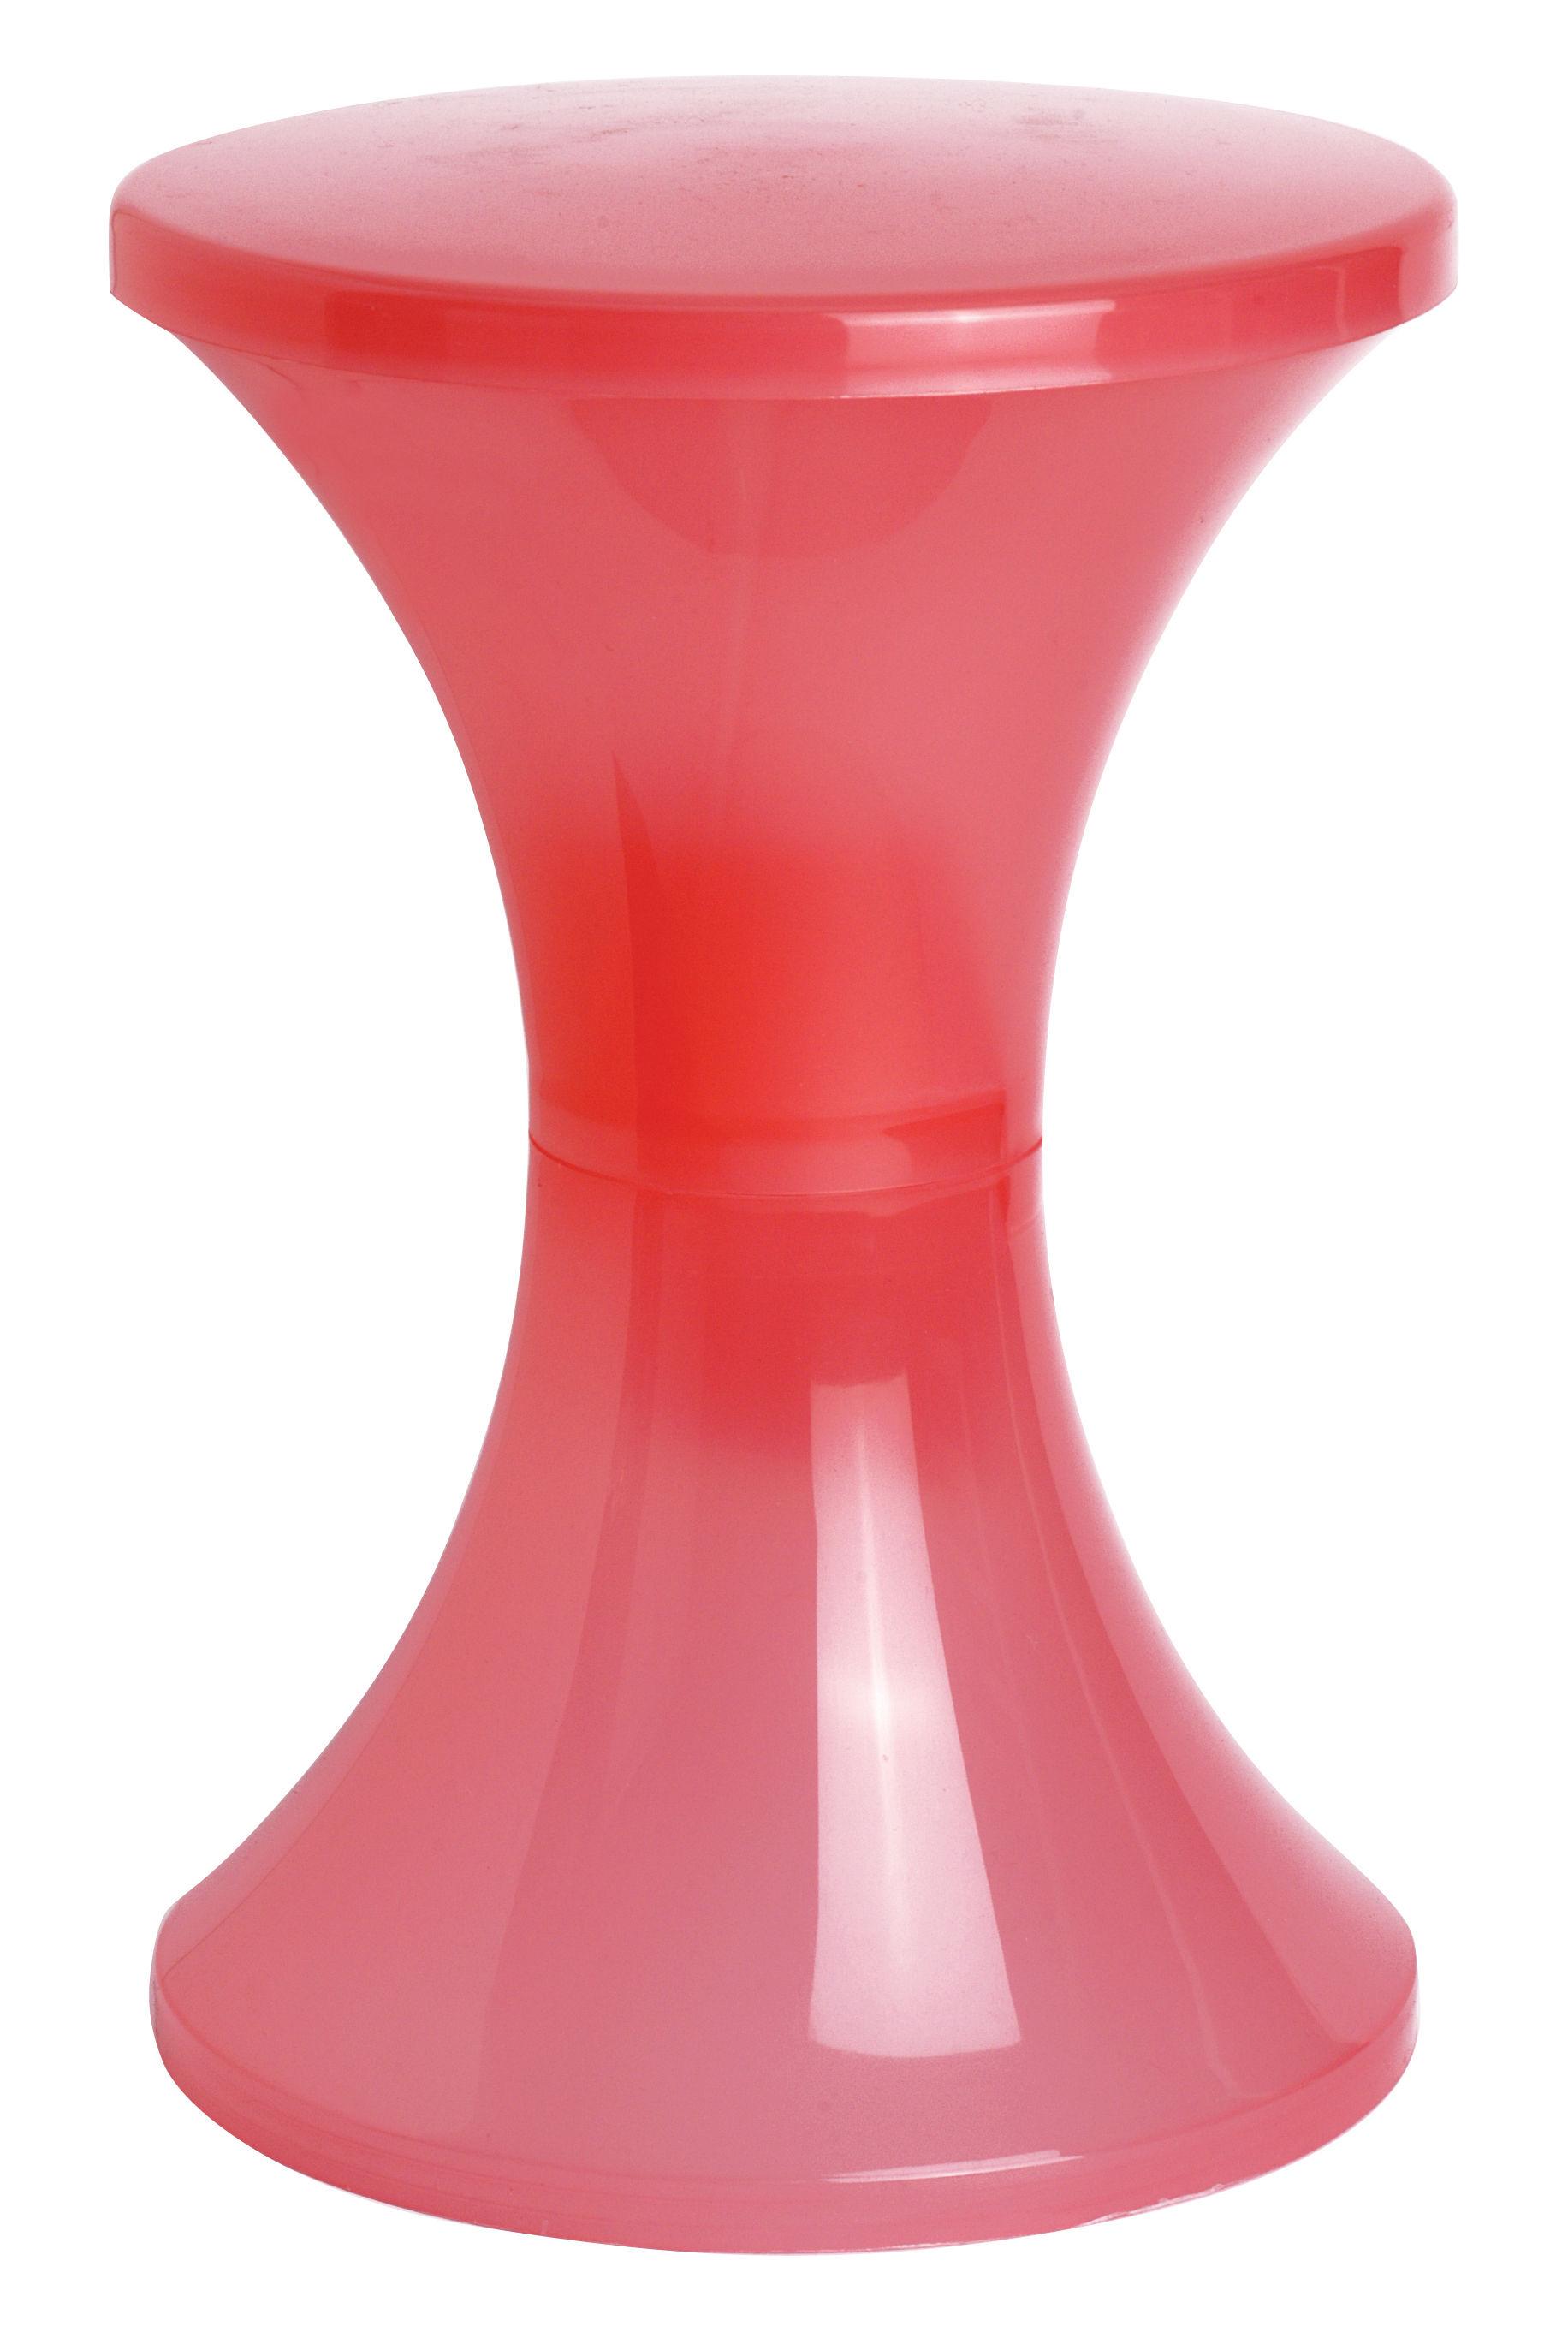 tabouret tam tam trans h 45 cm rose transparent branex. Black Bedroom Furniture Sets. Home Design Ideas